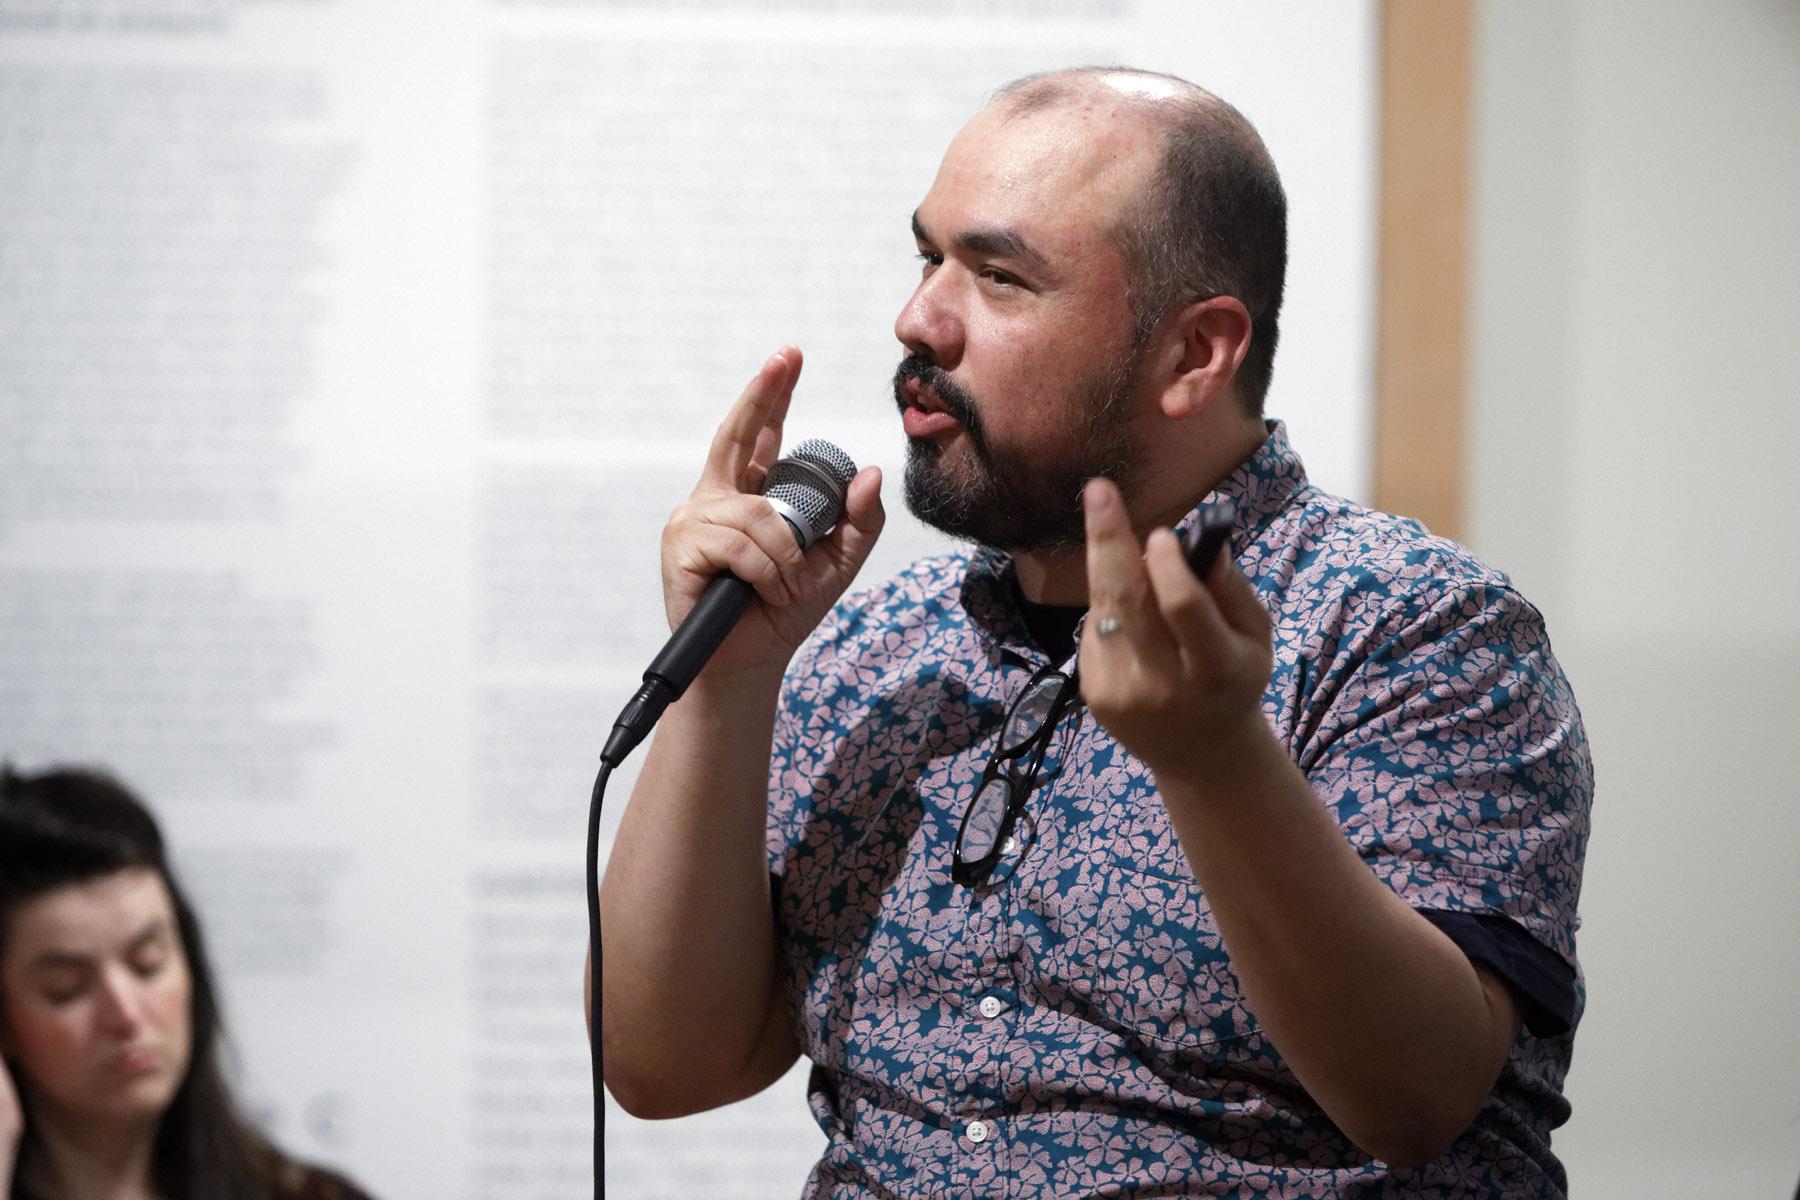 Symposium, Teacher as conceptual artist